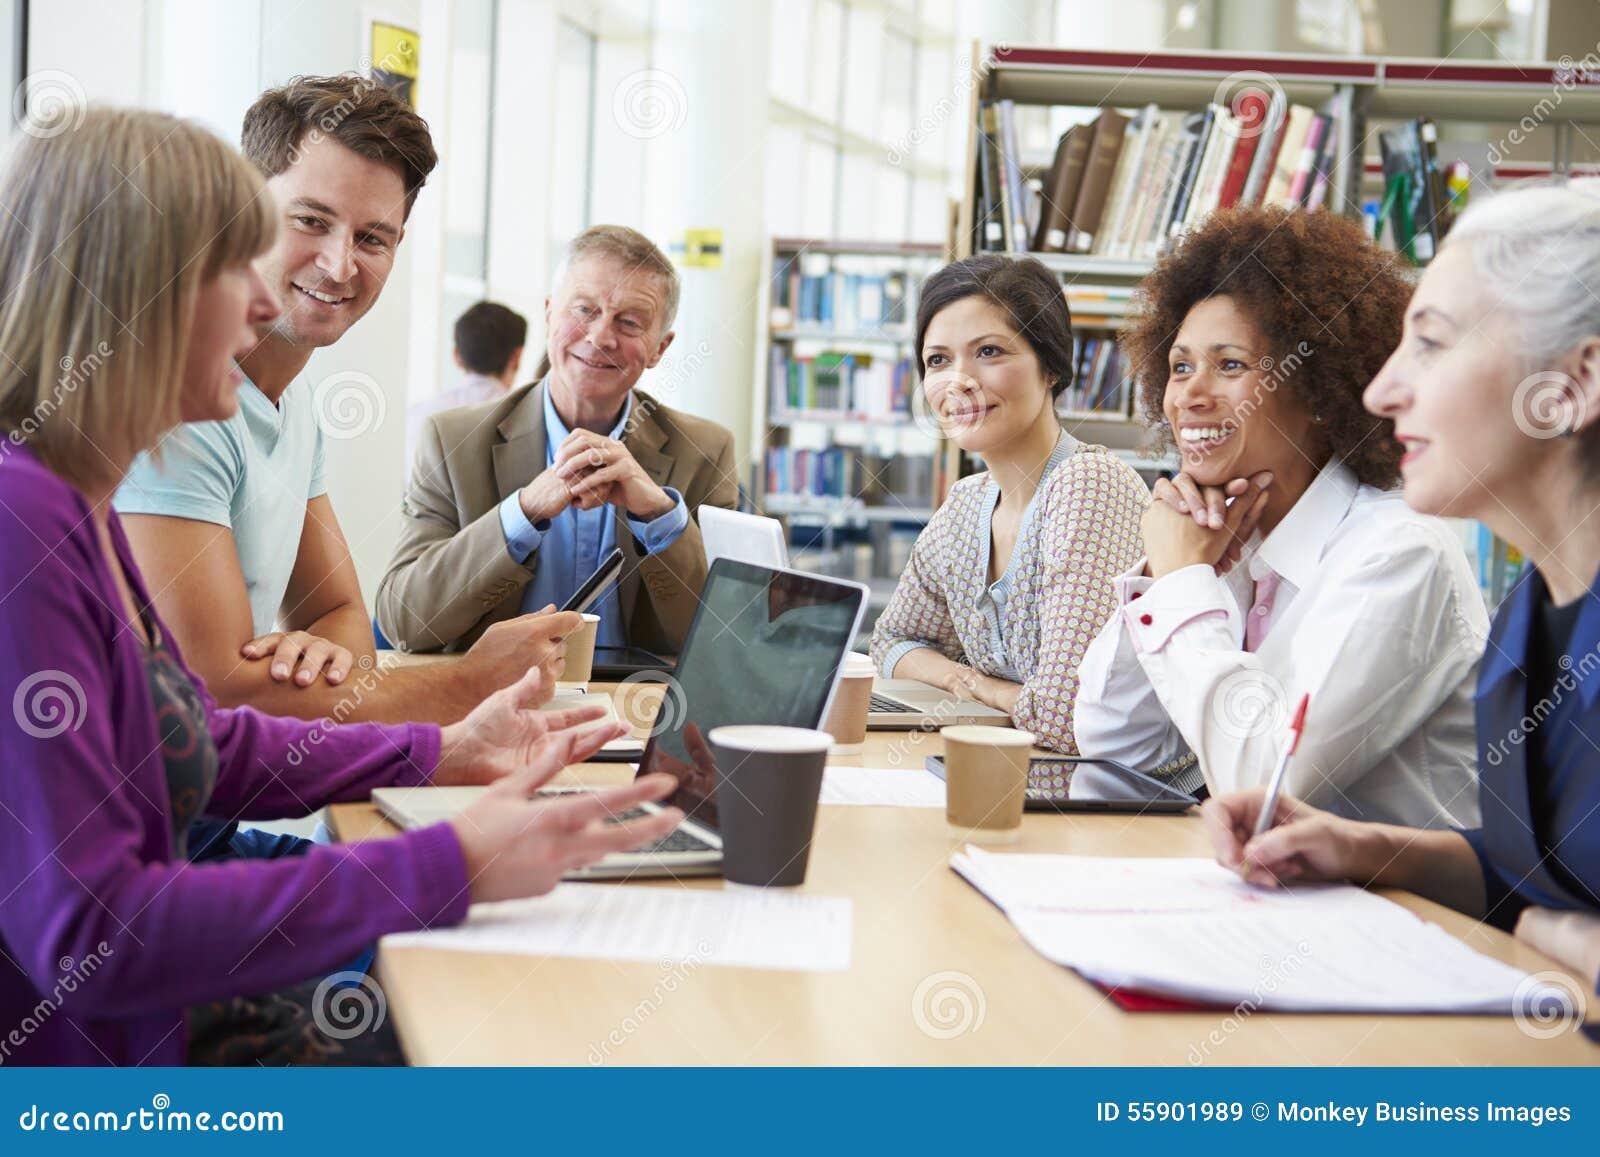 Grupp av mogna studenter som samarbetar på projekt i arkiv